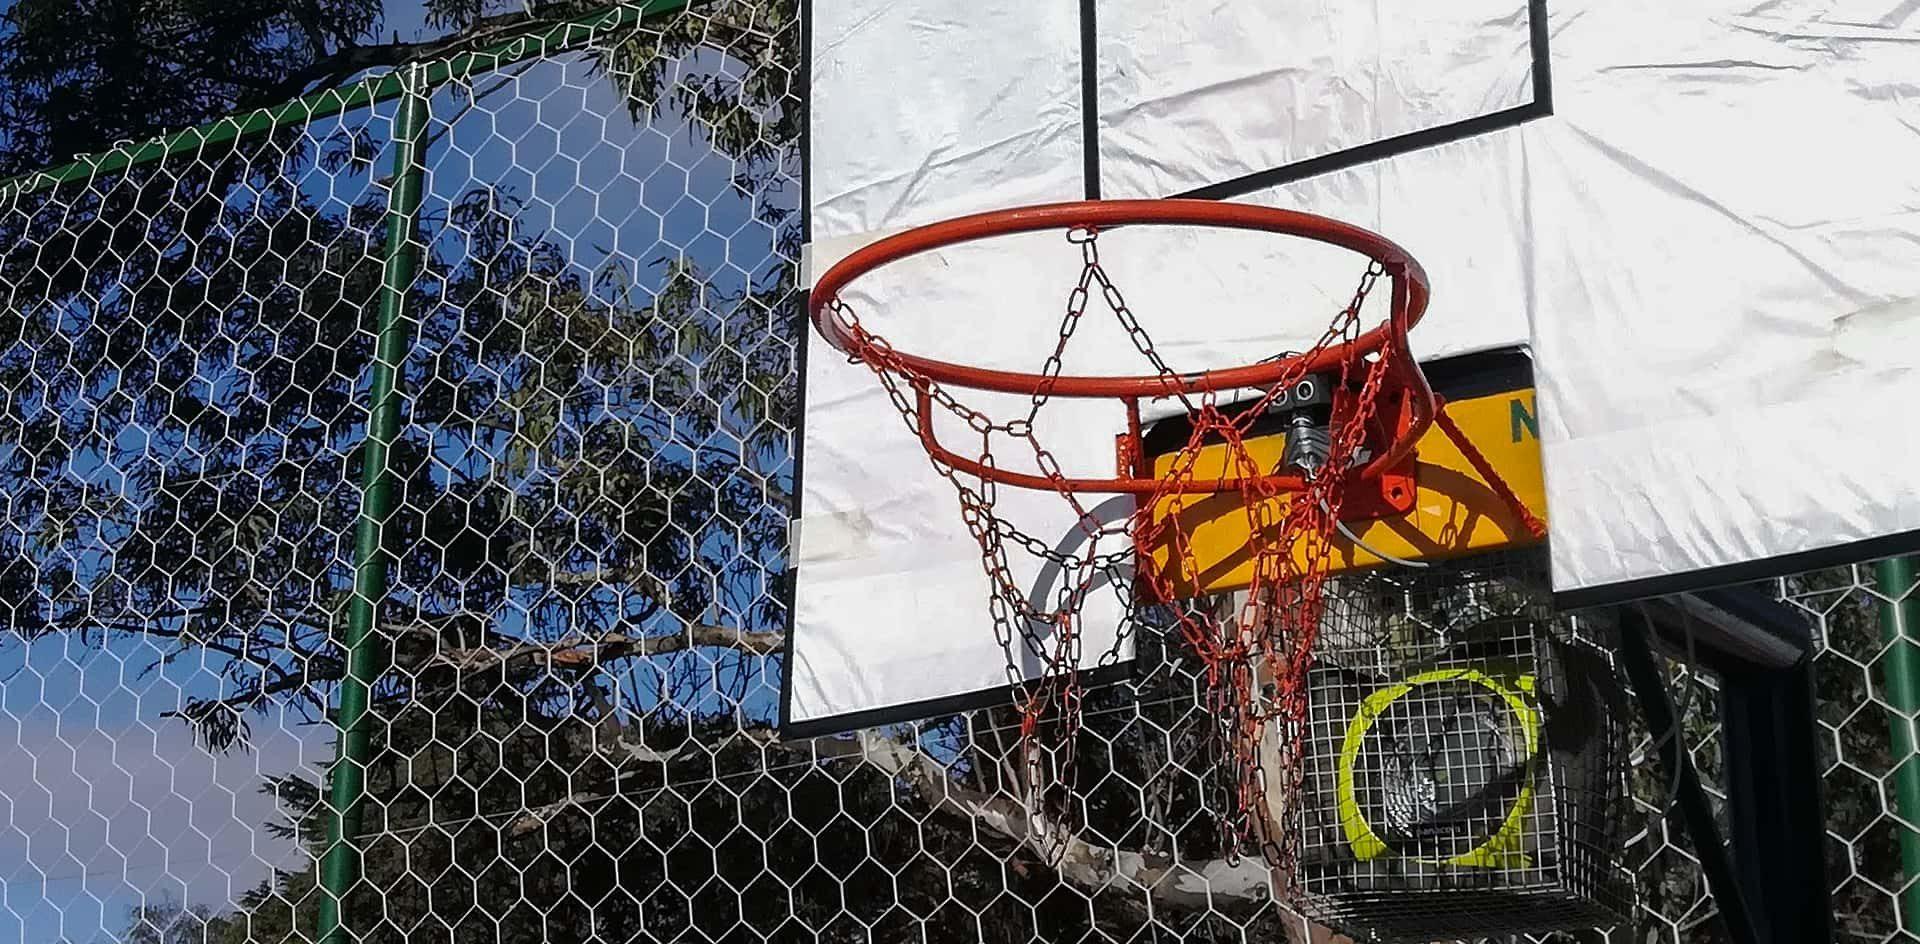 Diseñan un tablero de básquet para deportistas ciegos